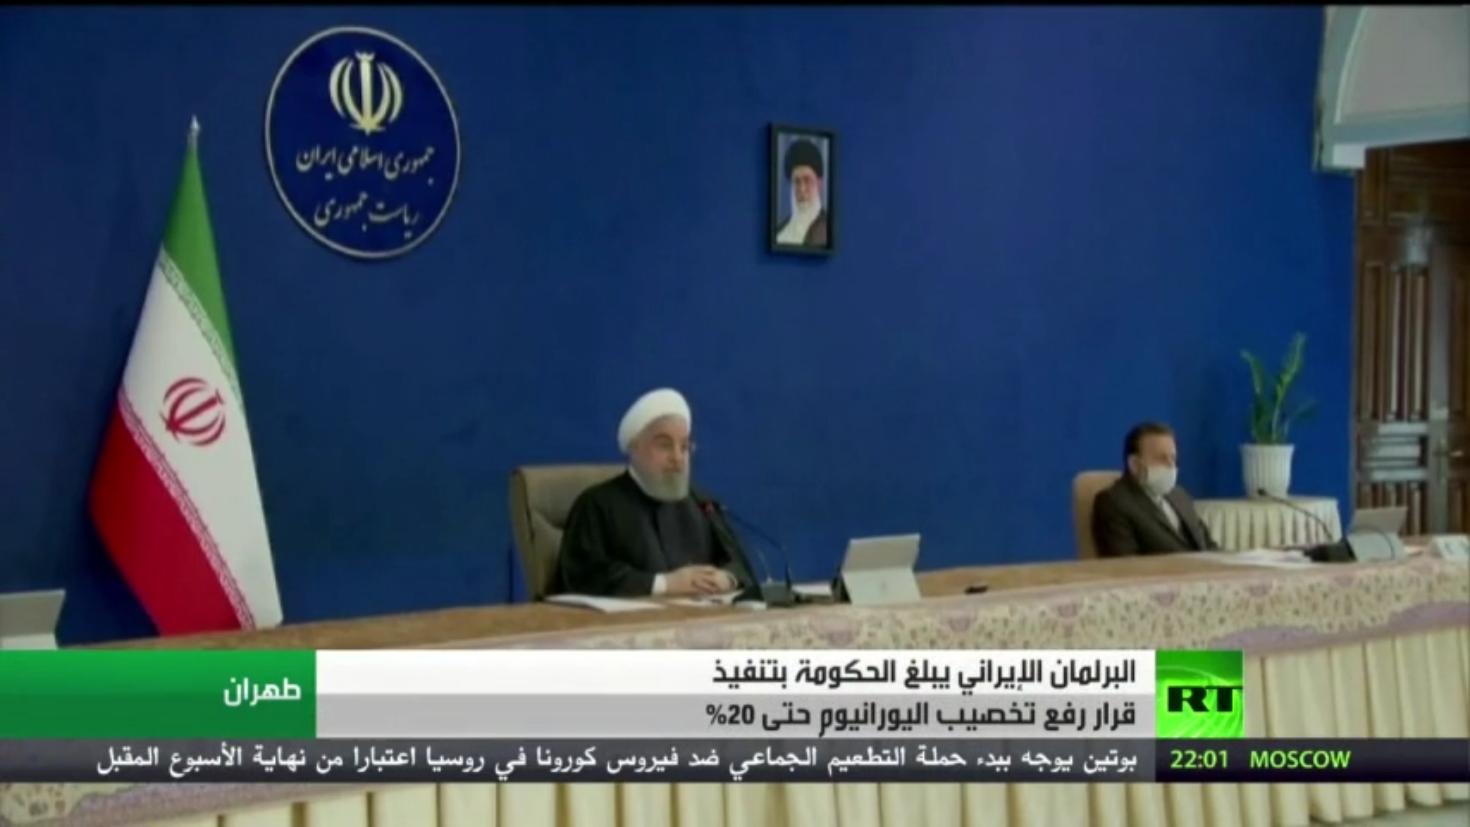 إيران تصدق على رفع نسبة تخصيب اليورانيوم